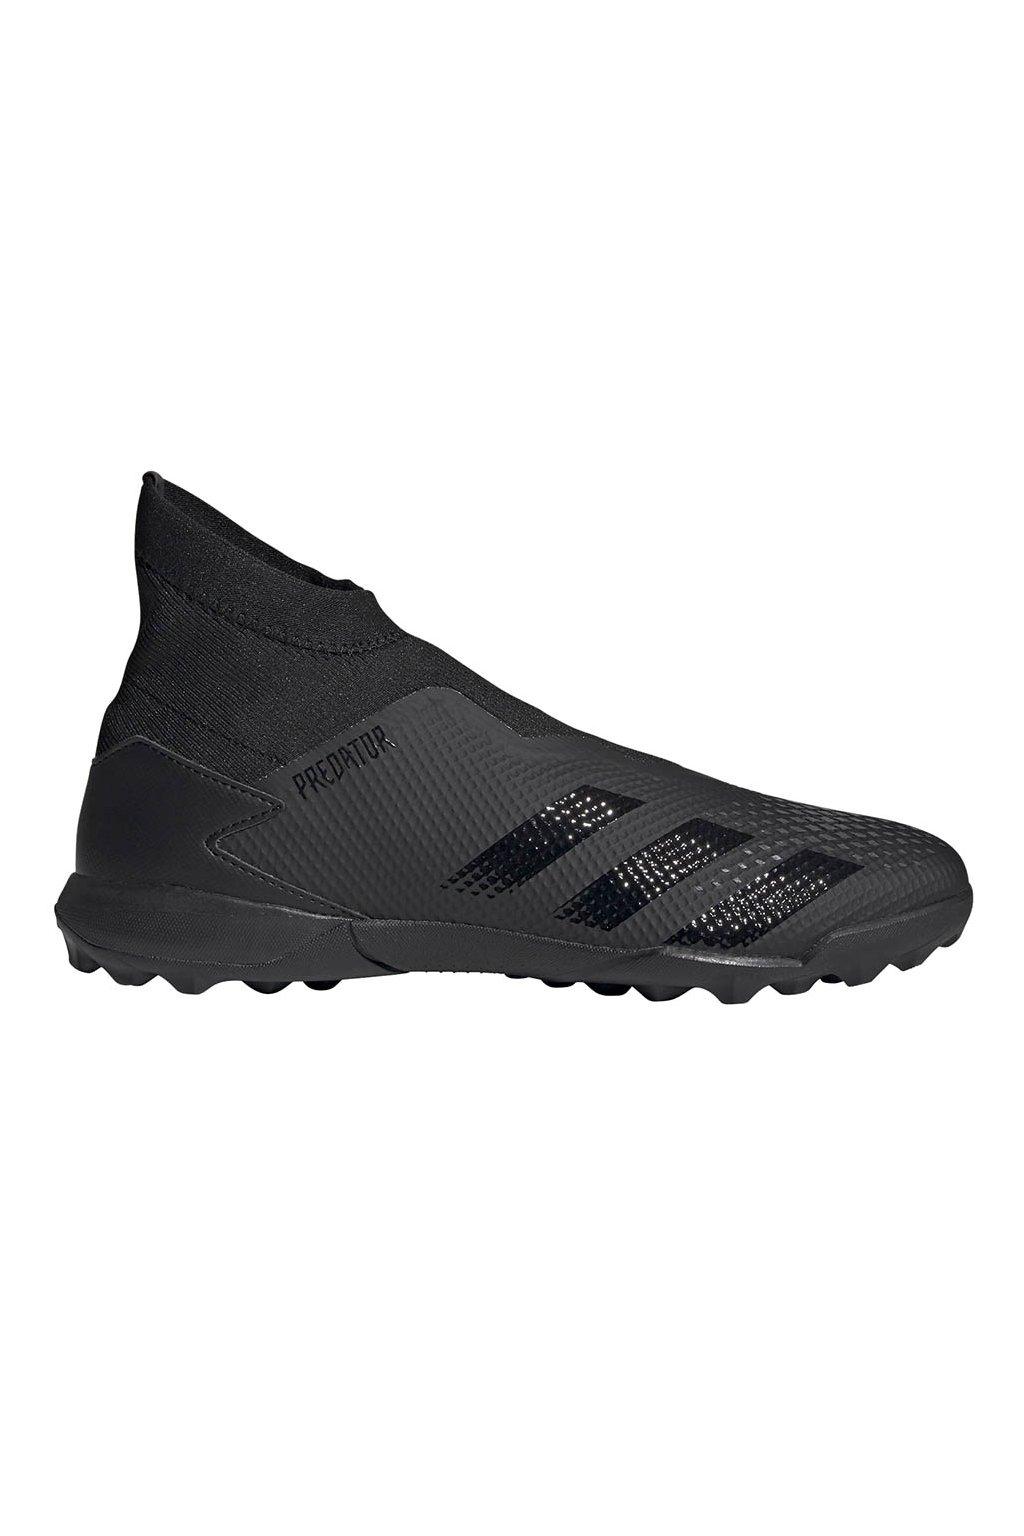 Futbalová obuv Adidas Predator 20,3 LL TF čierna EF1652